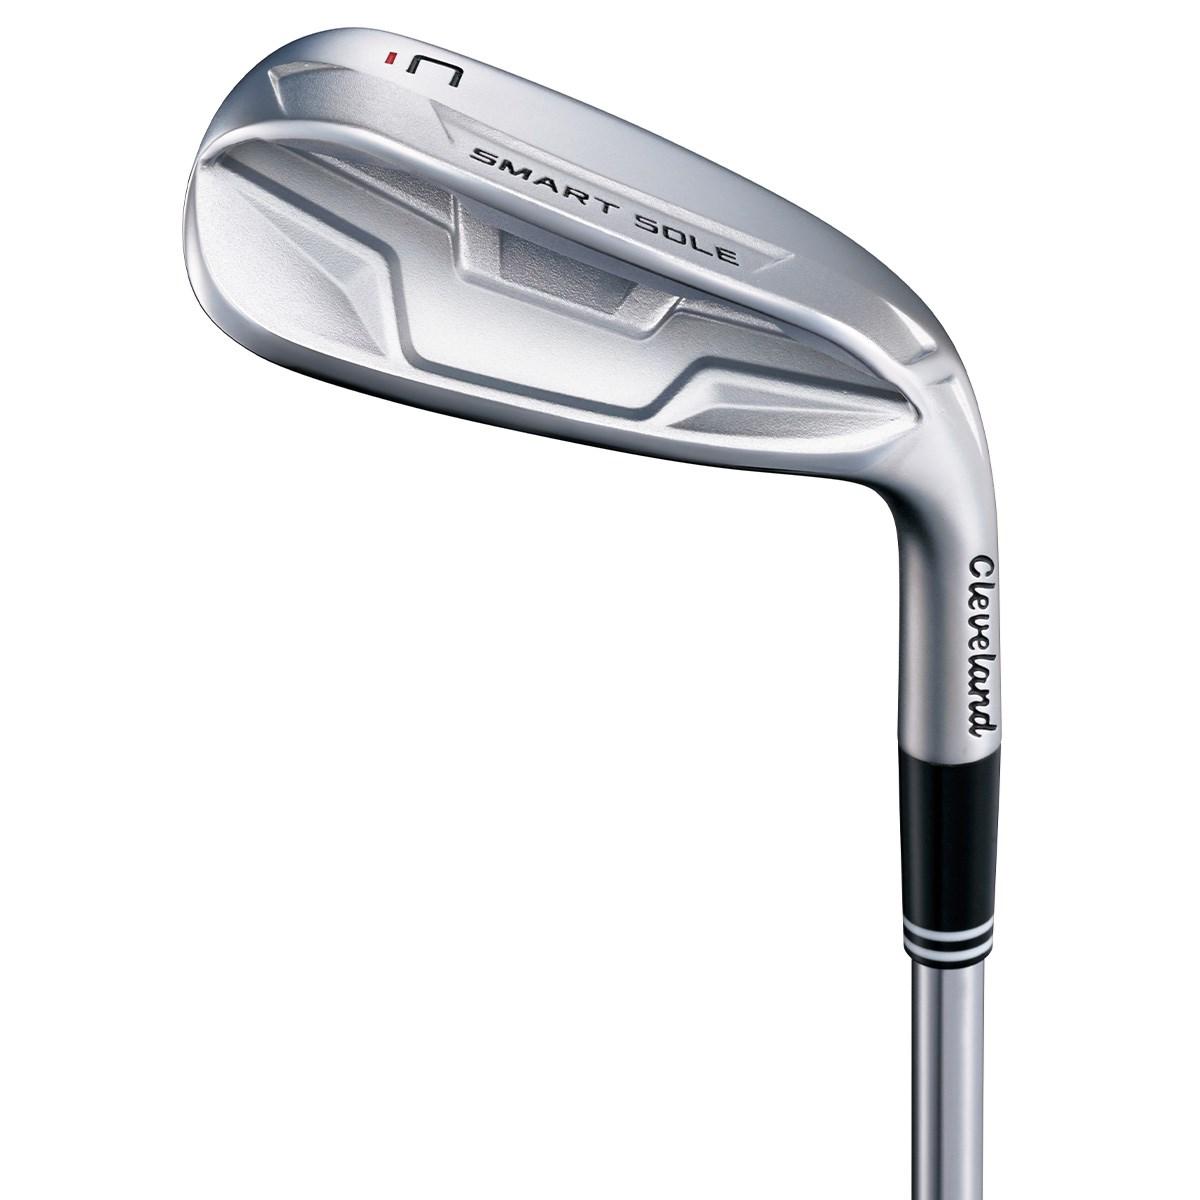 クリーブランド(Cleveland Golf) スマートソール 4 type-C ウェッジ スマートソールスチール